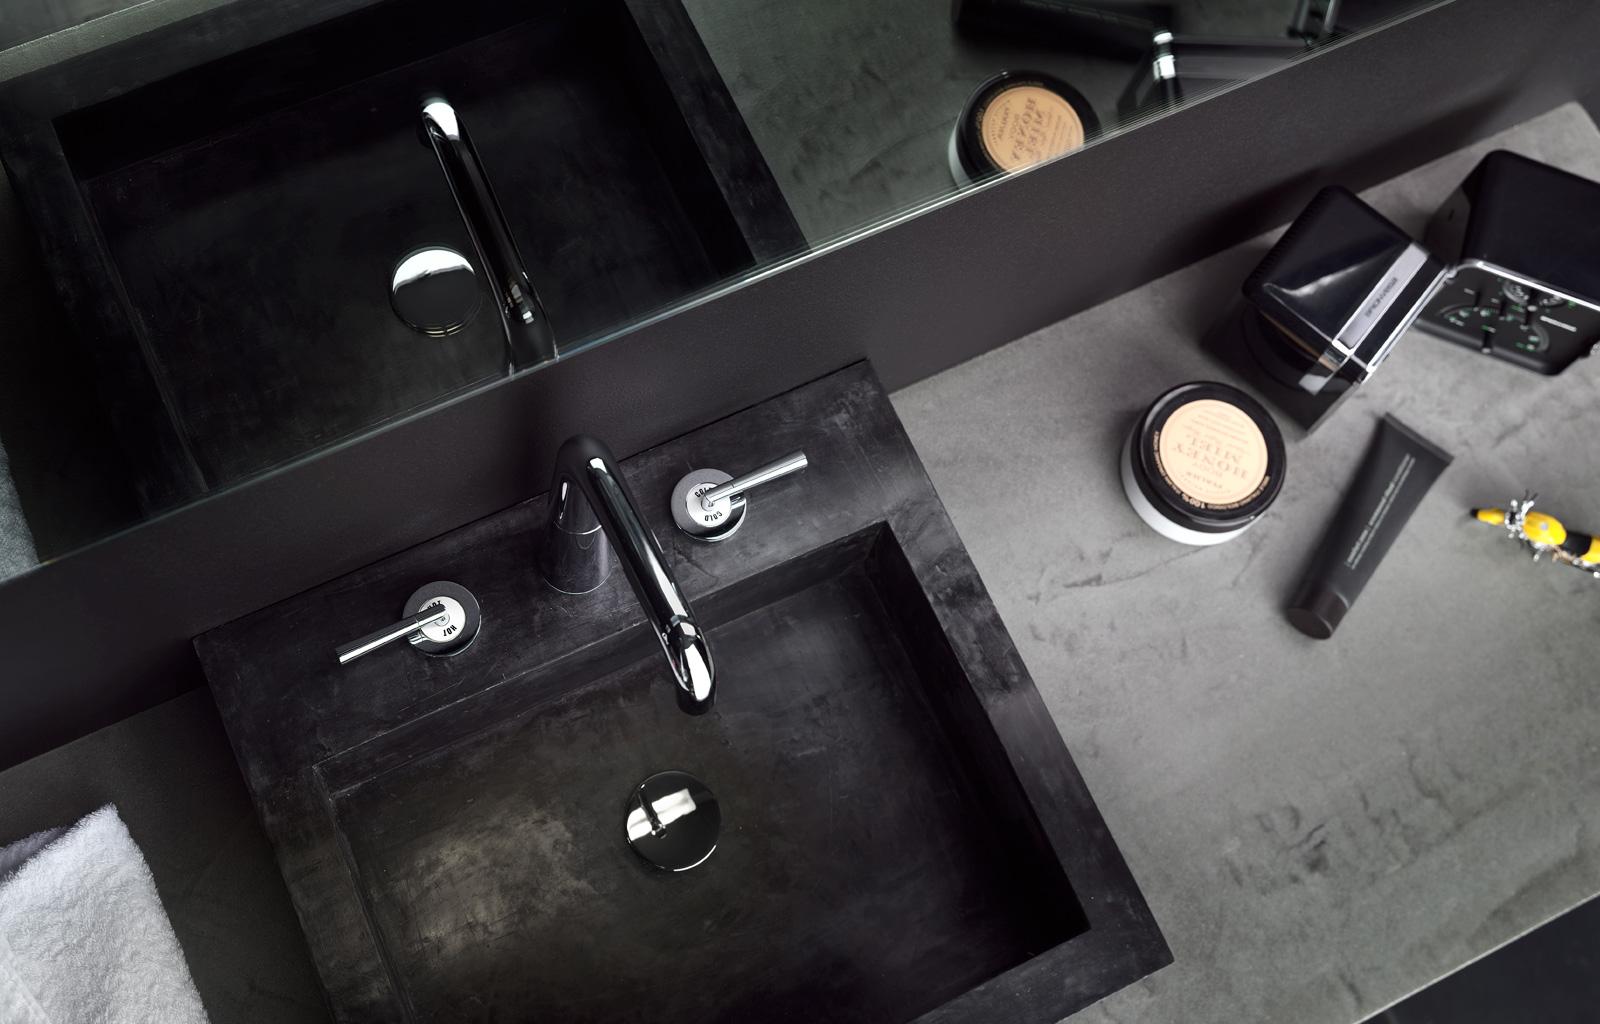 nobili rubineetterie, griferia nobili, nobili baños, reformas de baños, tre scantos, baños 3cantos, sanitarios, renueva tu baño (7)